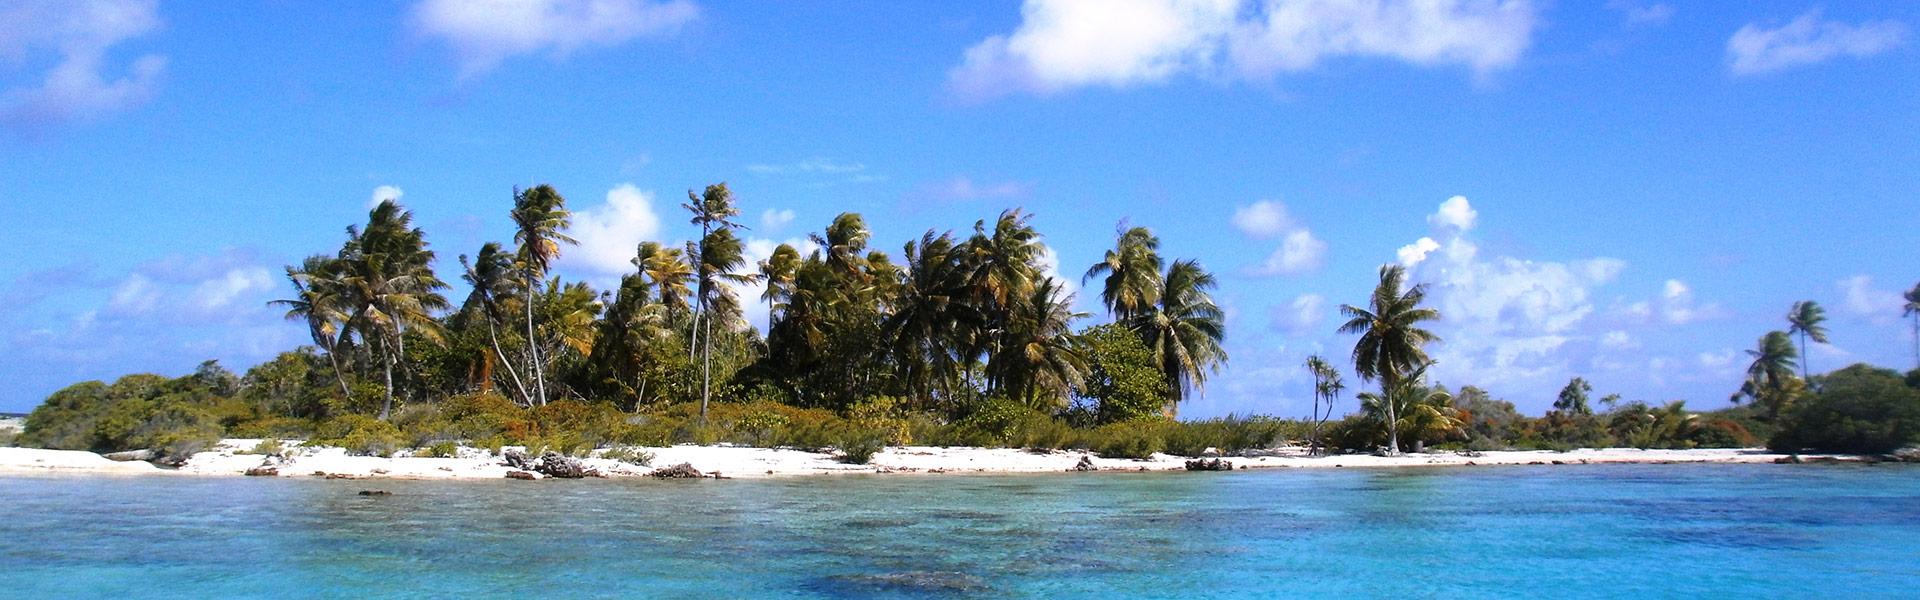 Private islands for sale motu pakirikiri french for French polynesia islands for sale